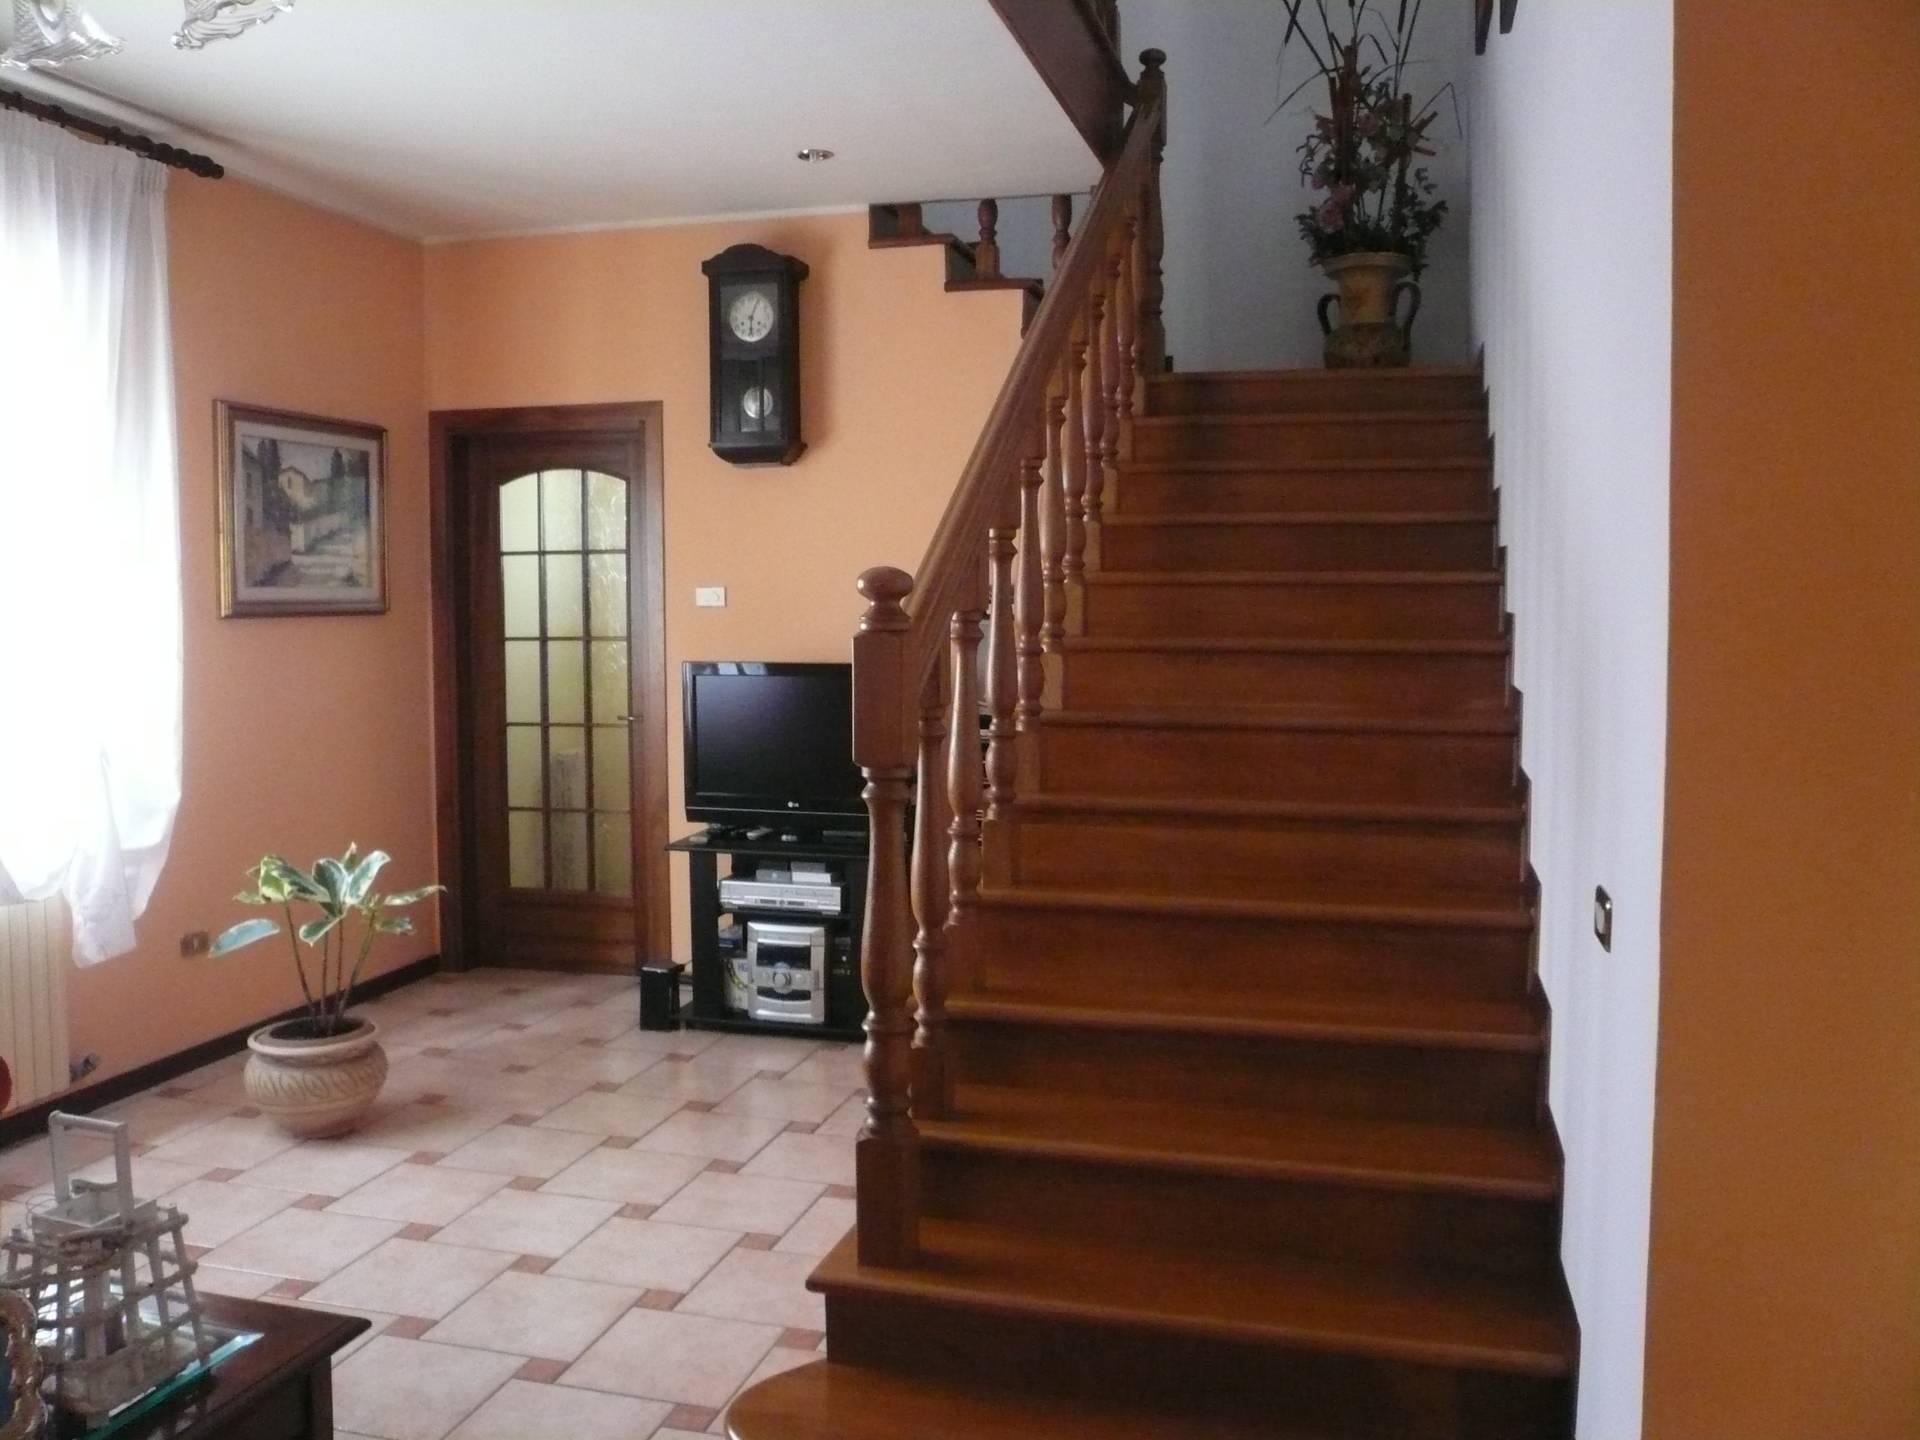 Villa in vendita a Meolo, 10 locali, zona Località: LossondellaBattaglia, prezzo € 280.000 | Cambio Casa.it